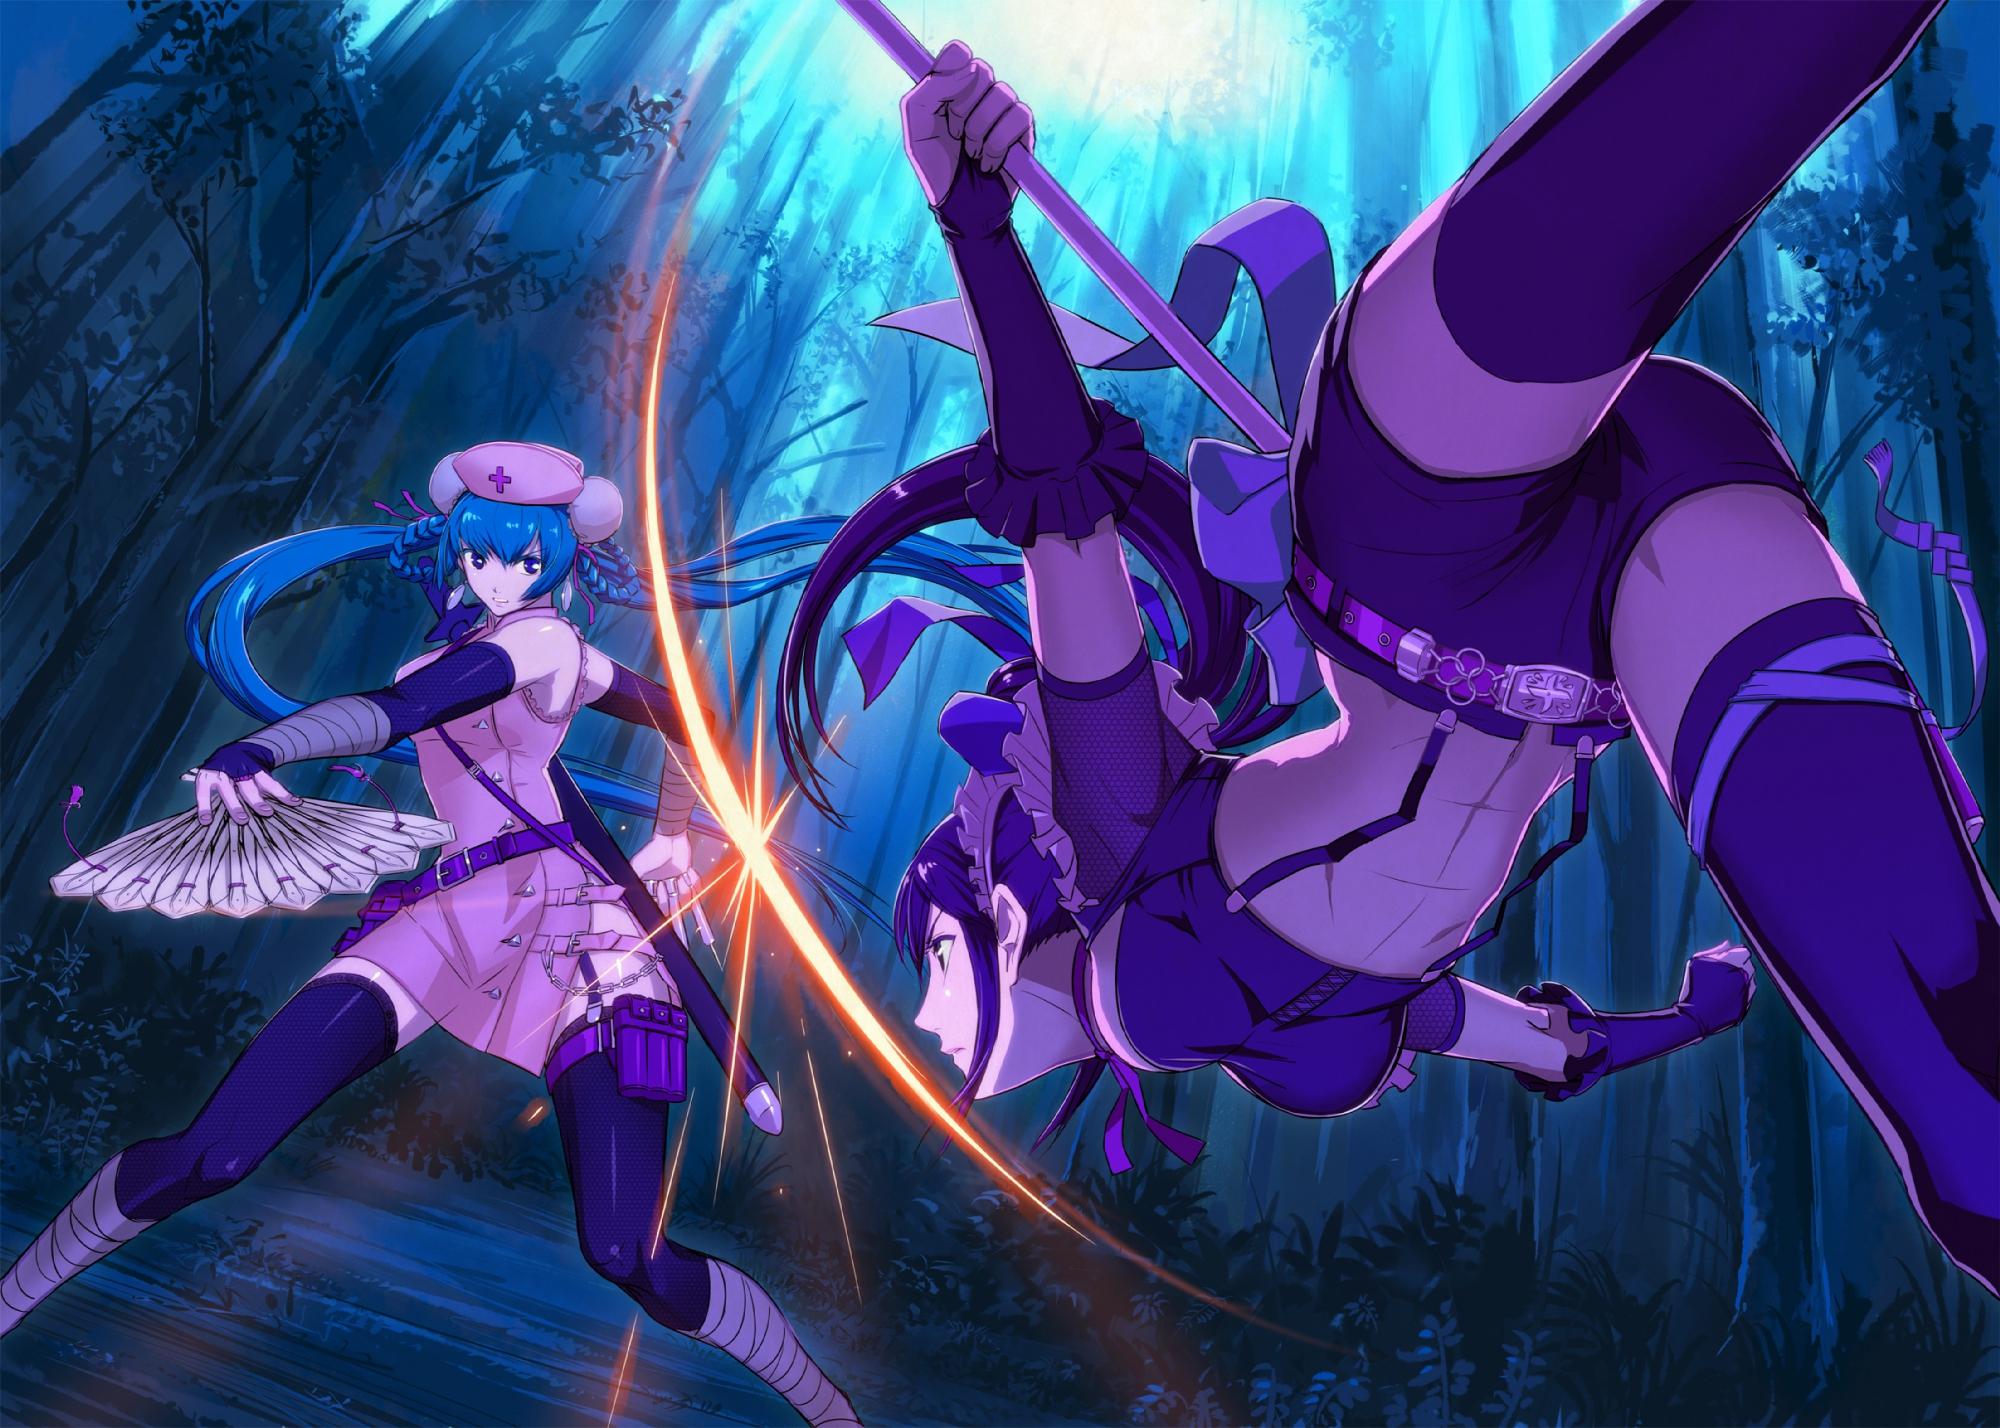 Image Result For Anime Girl Wallpaper Pack X